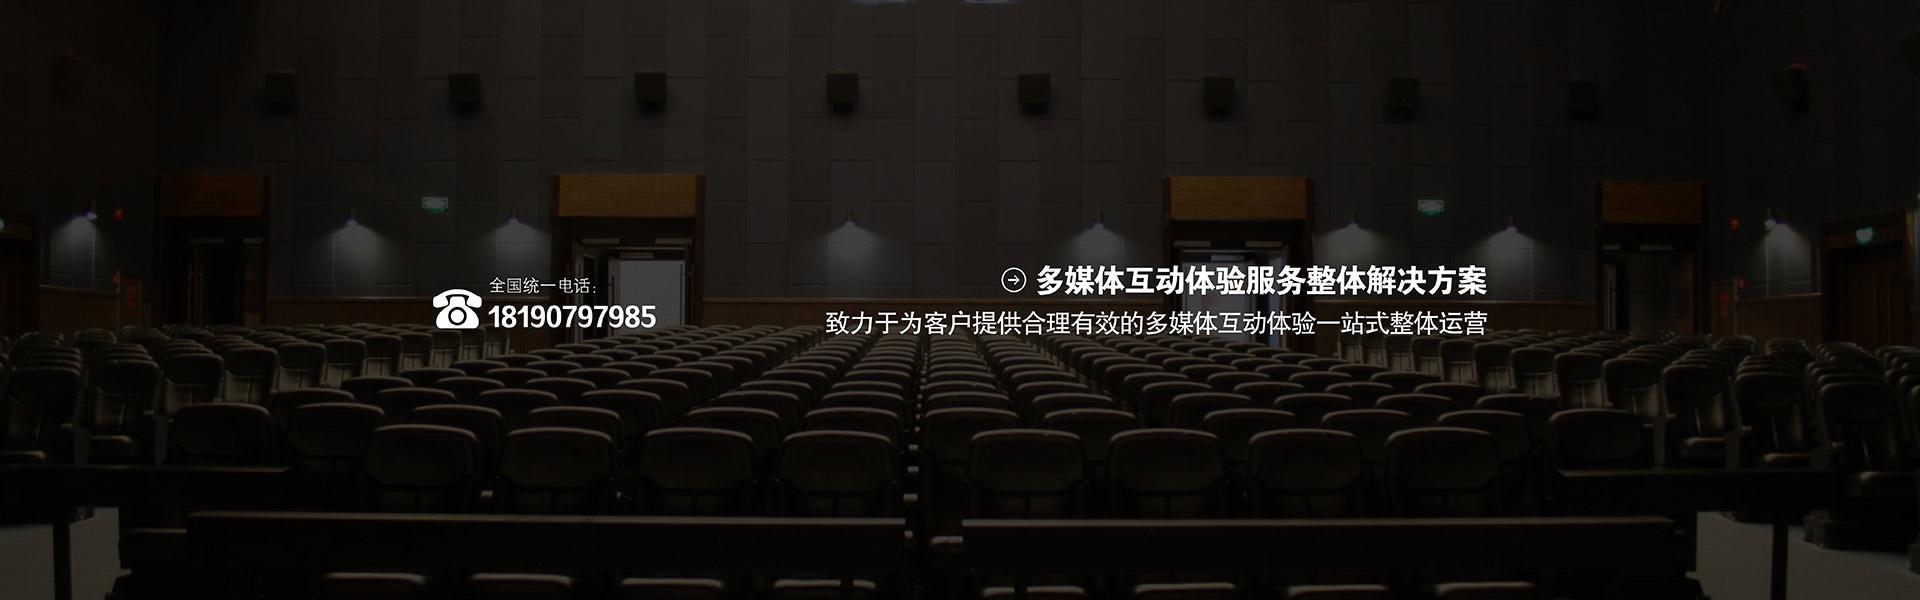 北京安全体验虚拟汽车漫游北京安全体验火山探险体验北京安全体验小型校园地震模拟平台北京安全体验地震体验屋展品北京安全体验虚拟足球体验